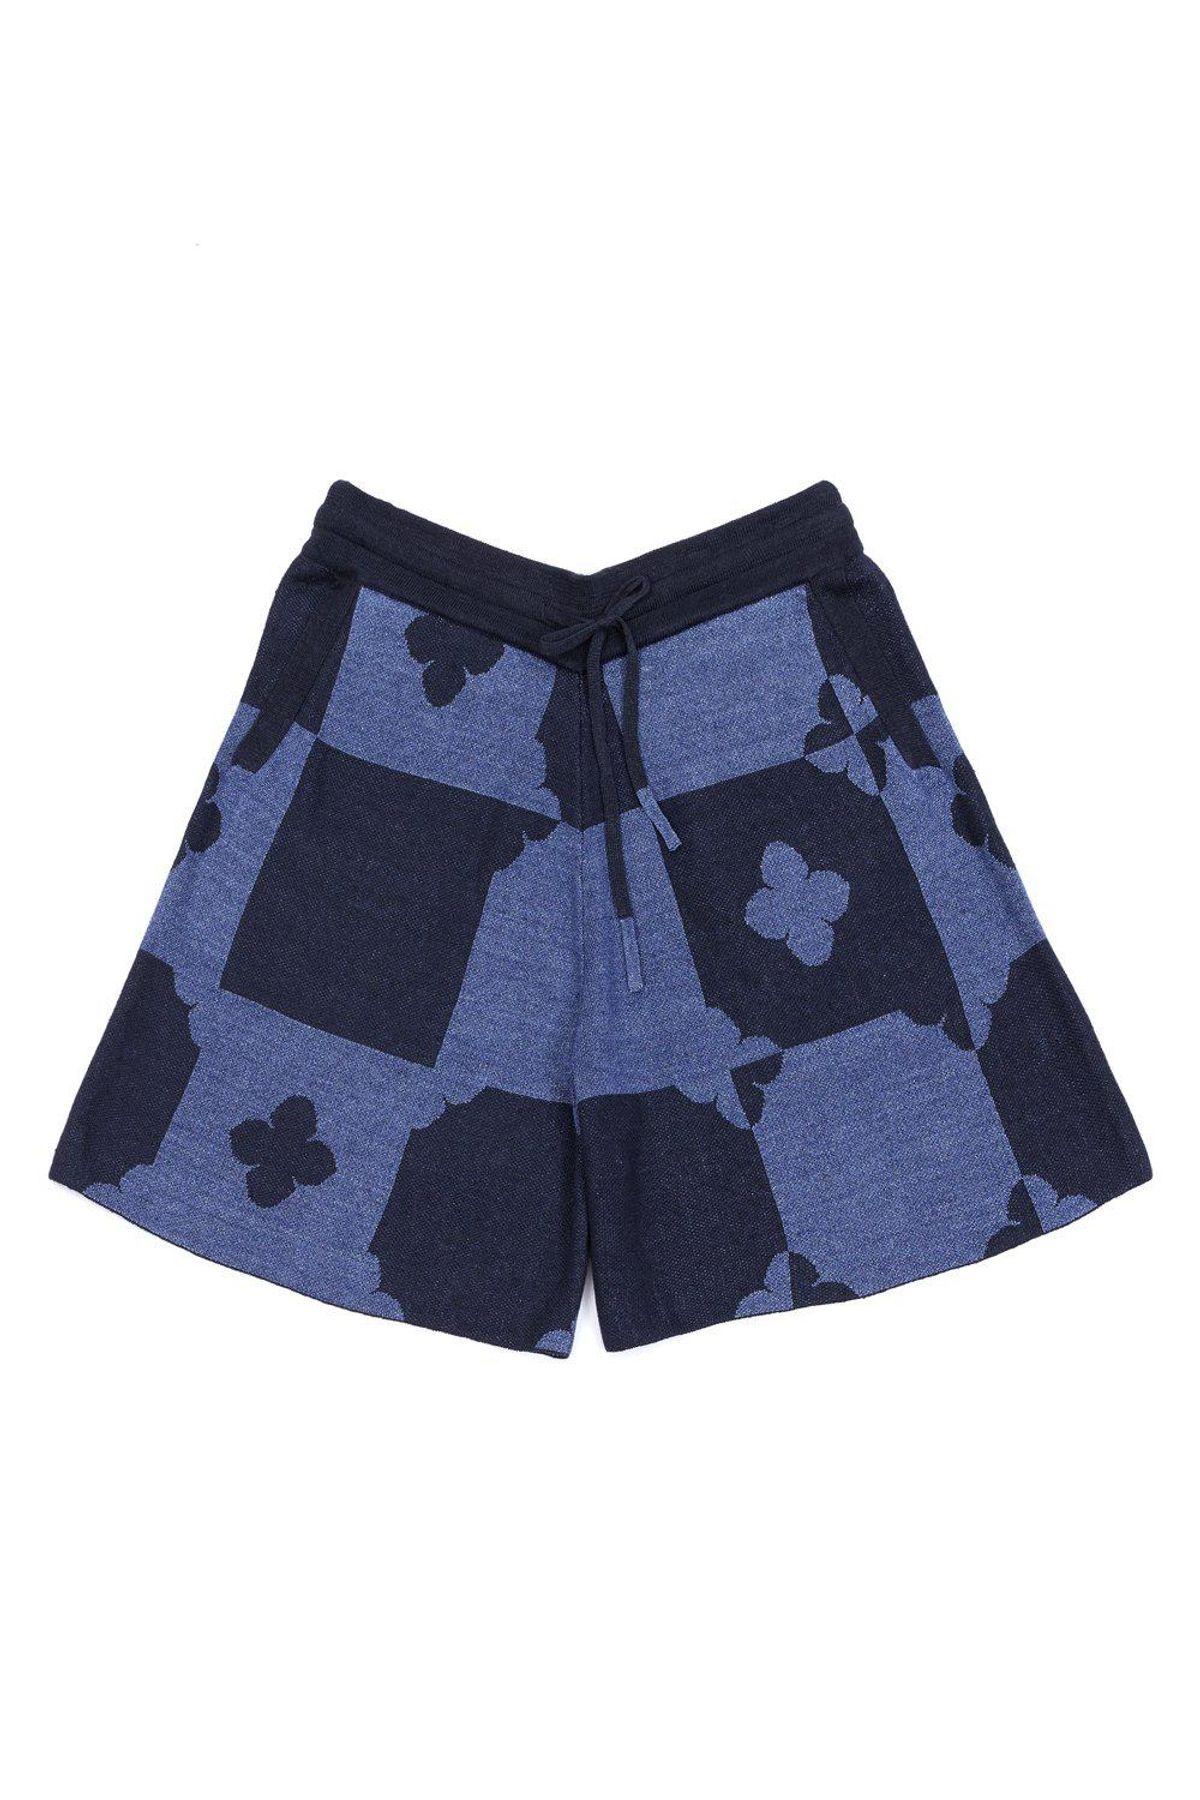 yanyan knits fongfong short in indigo linen